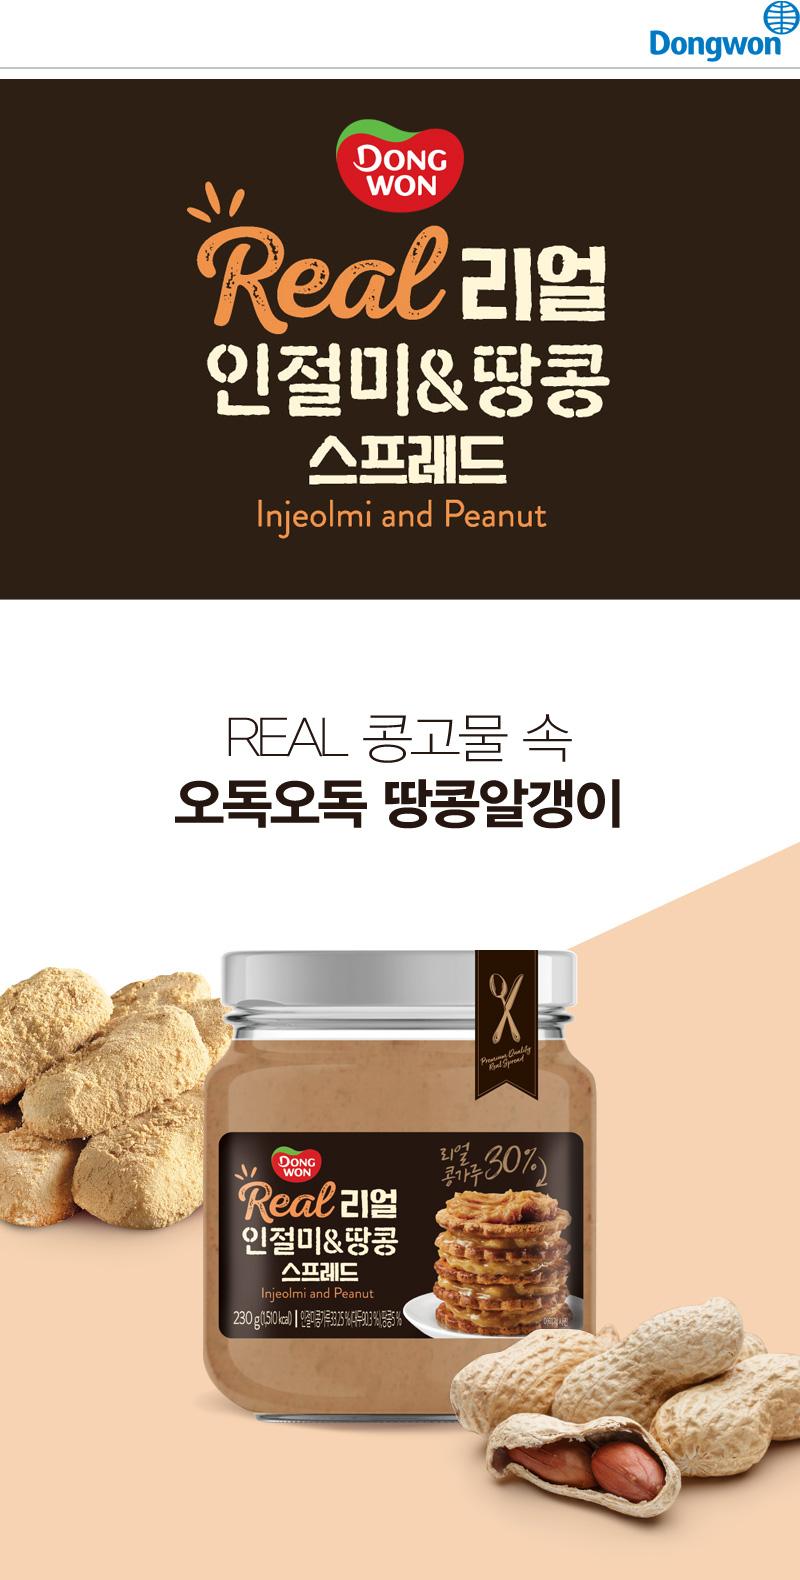 리얼 인절미&땅콩 스프레드 REAL 콩고물 속 오독오독 땅콩알갱이